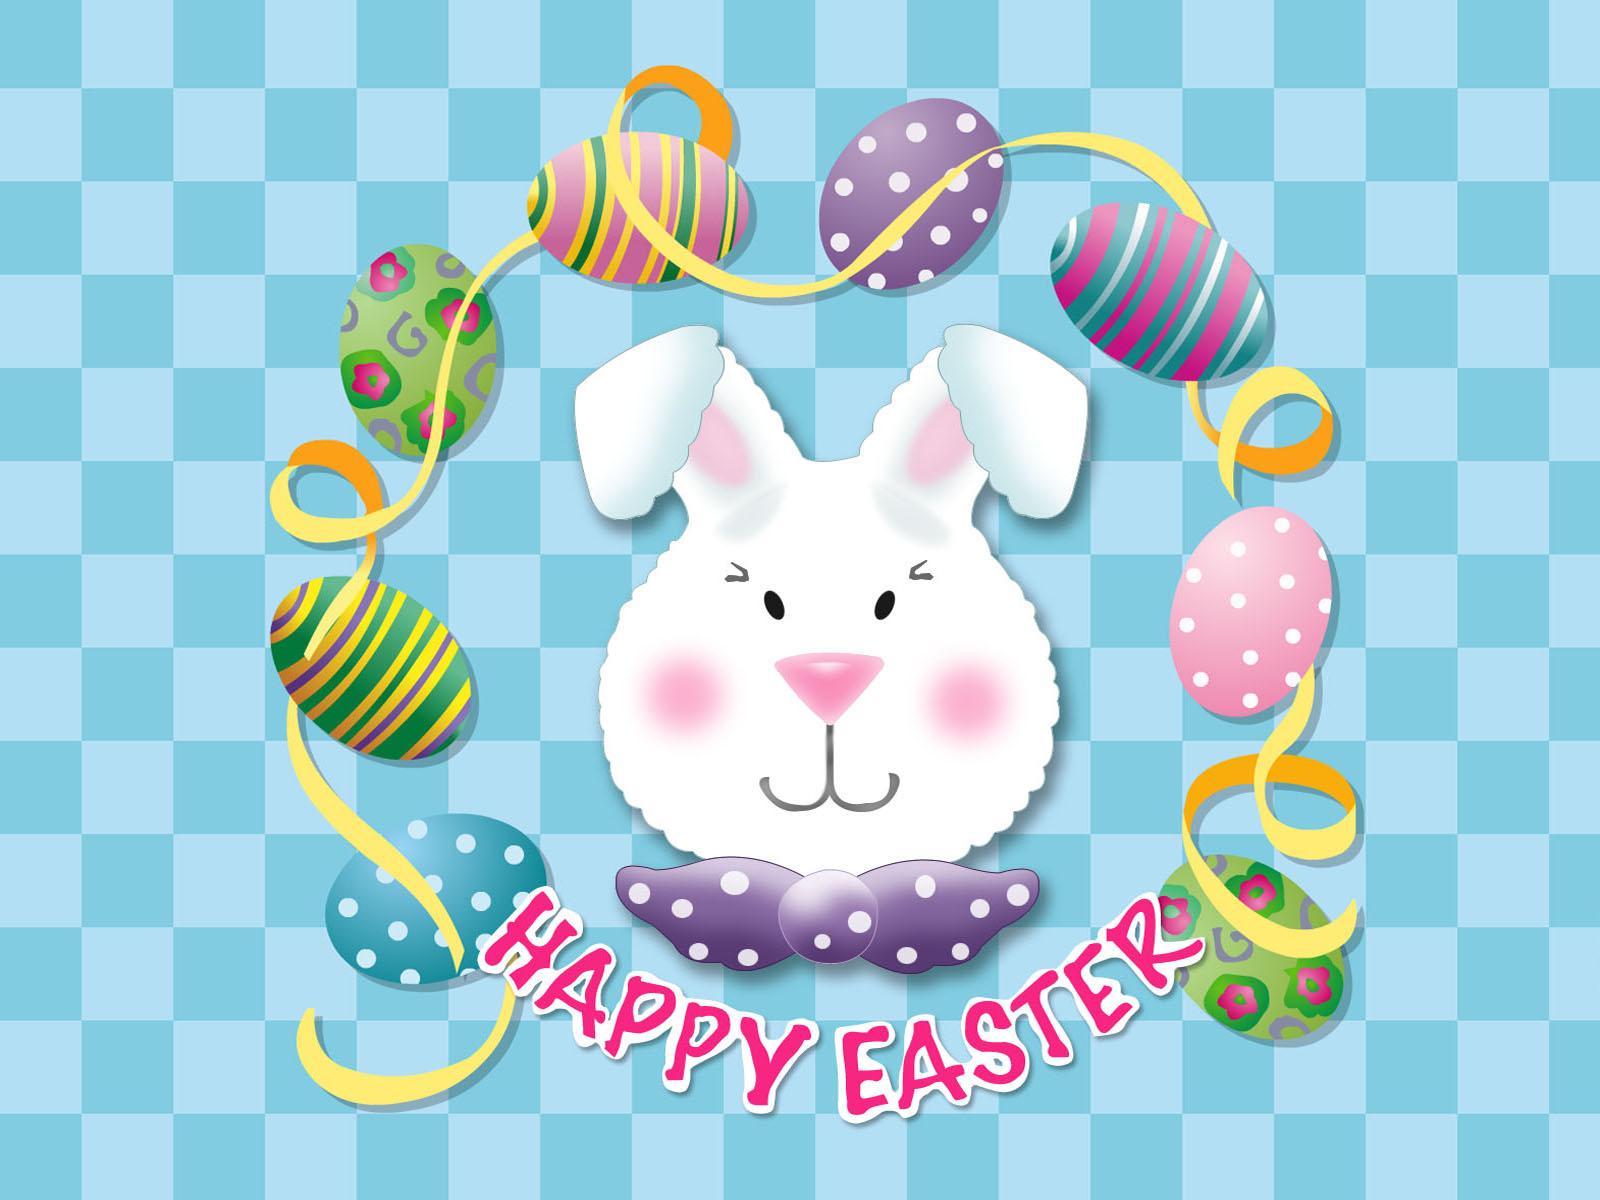 Desktop Wallpapers Backgrounds Happy Easter 1600x1200